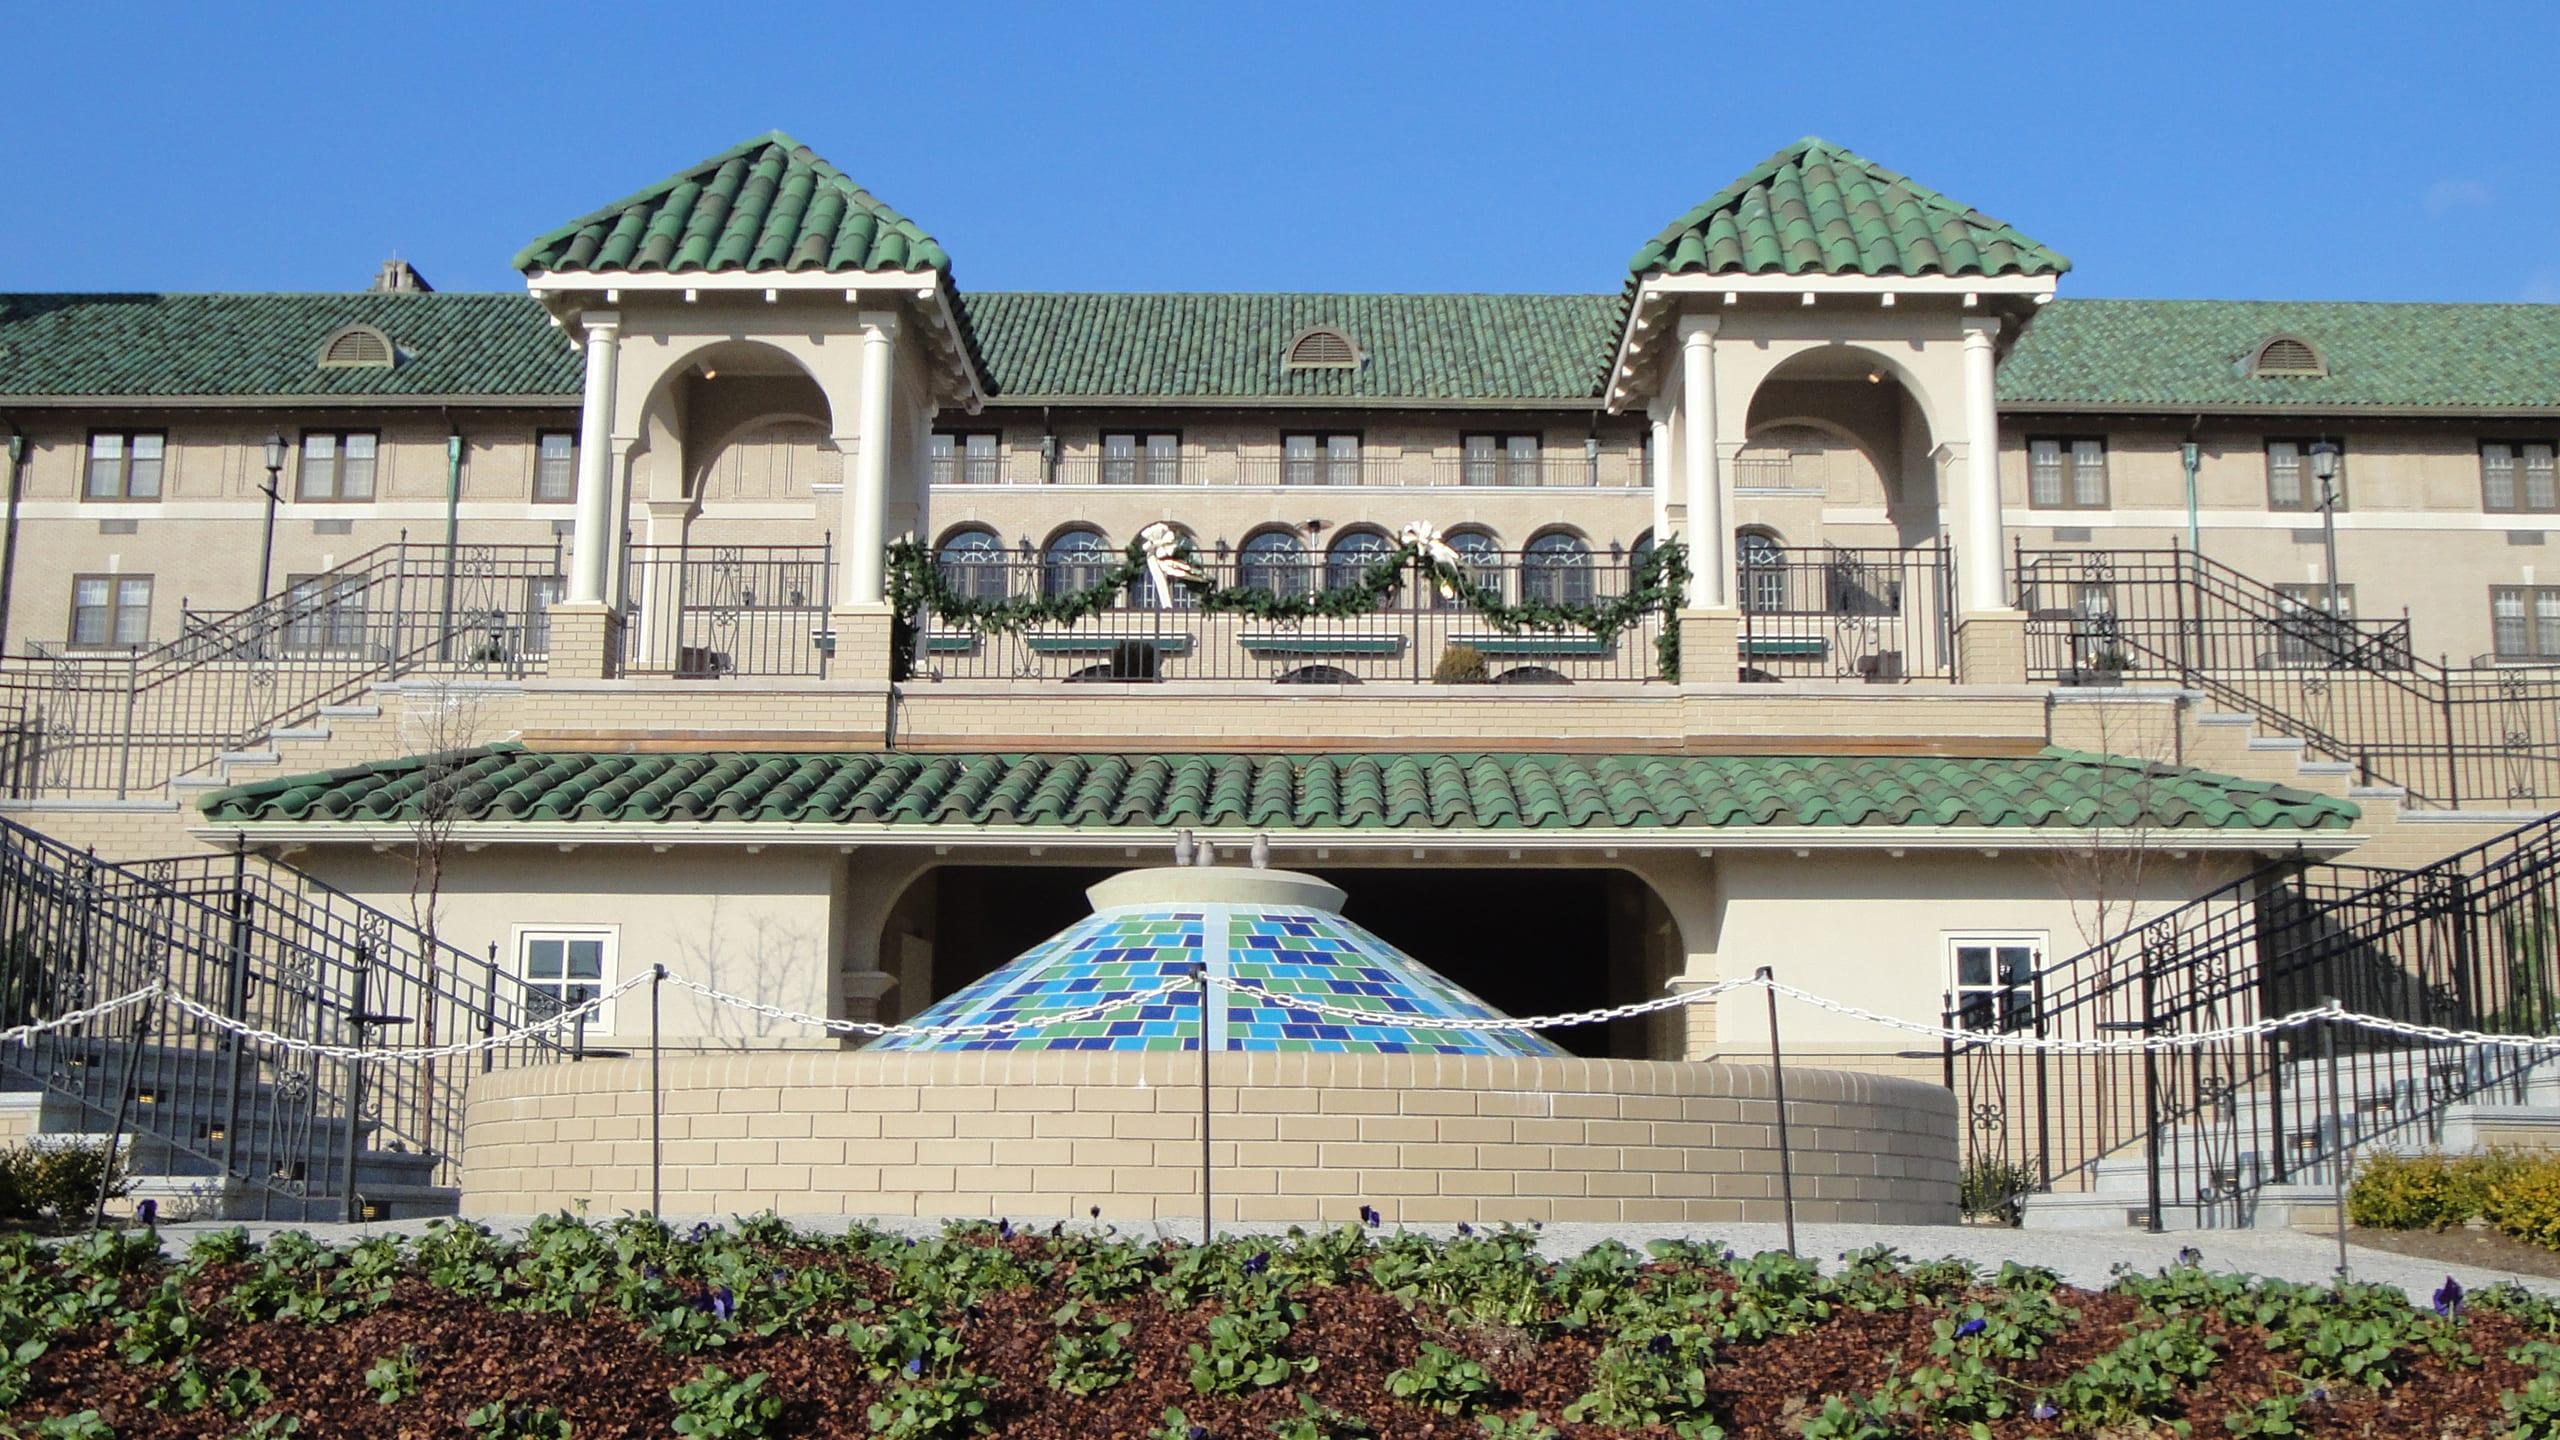 Hotel Hershey Ludowici Roof Tile